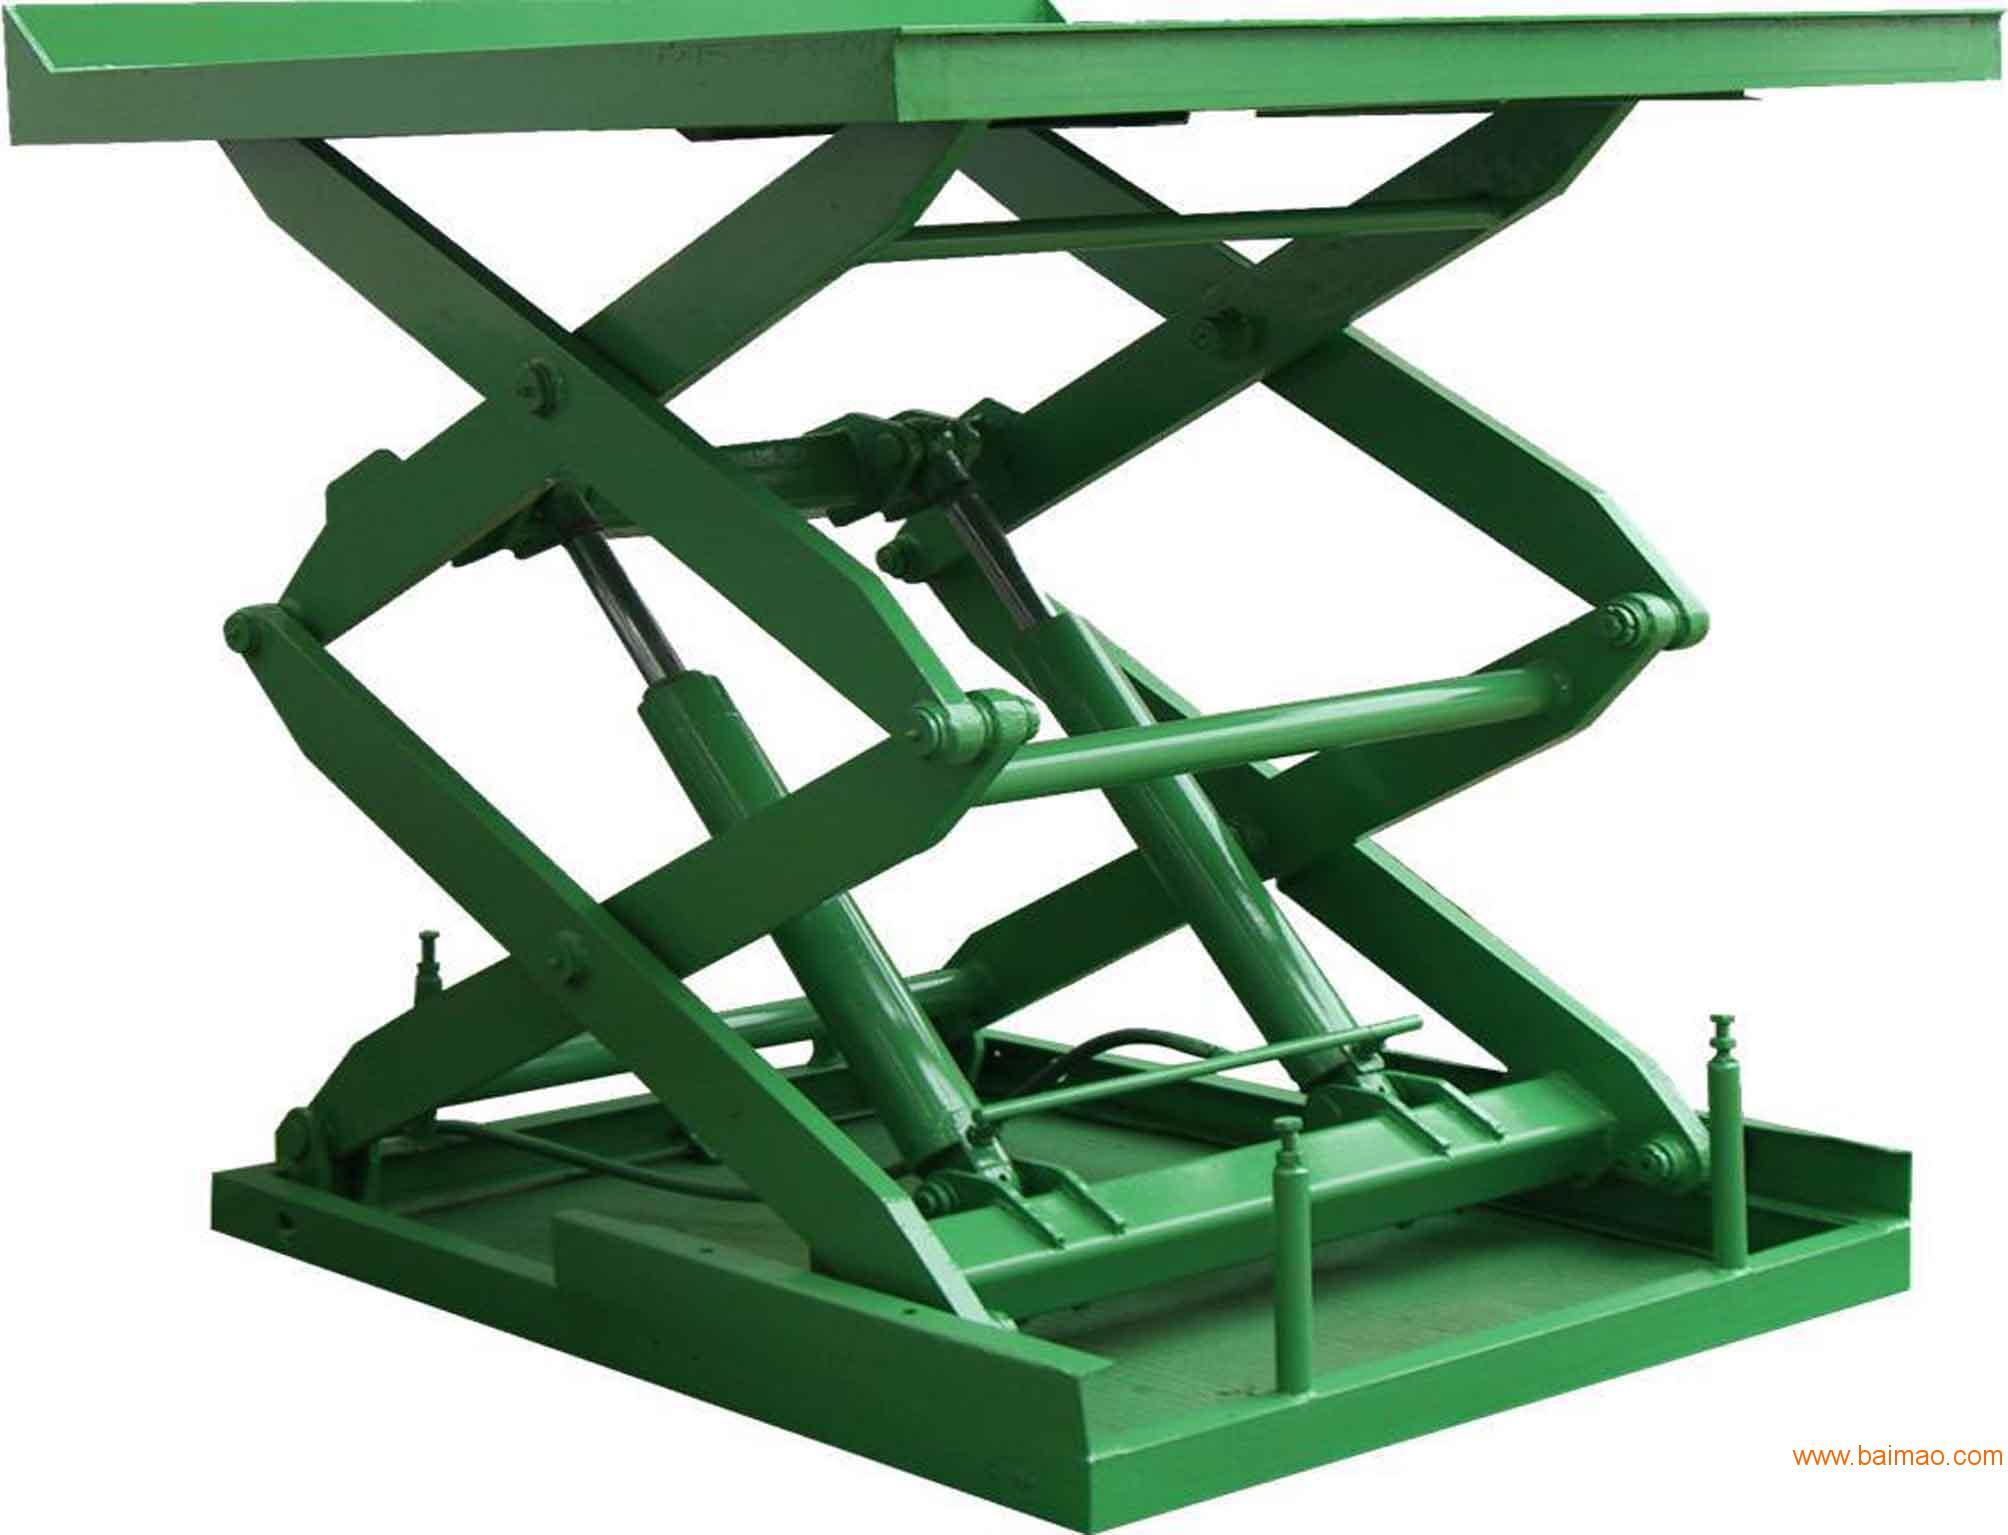 【厂家直销】固定式液压升降平台 坦诺机械制造 质量有保证 售后有图片